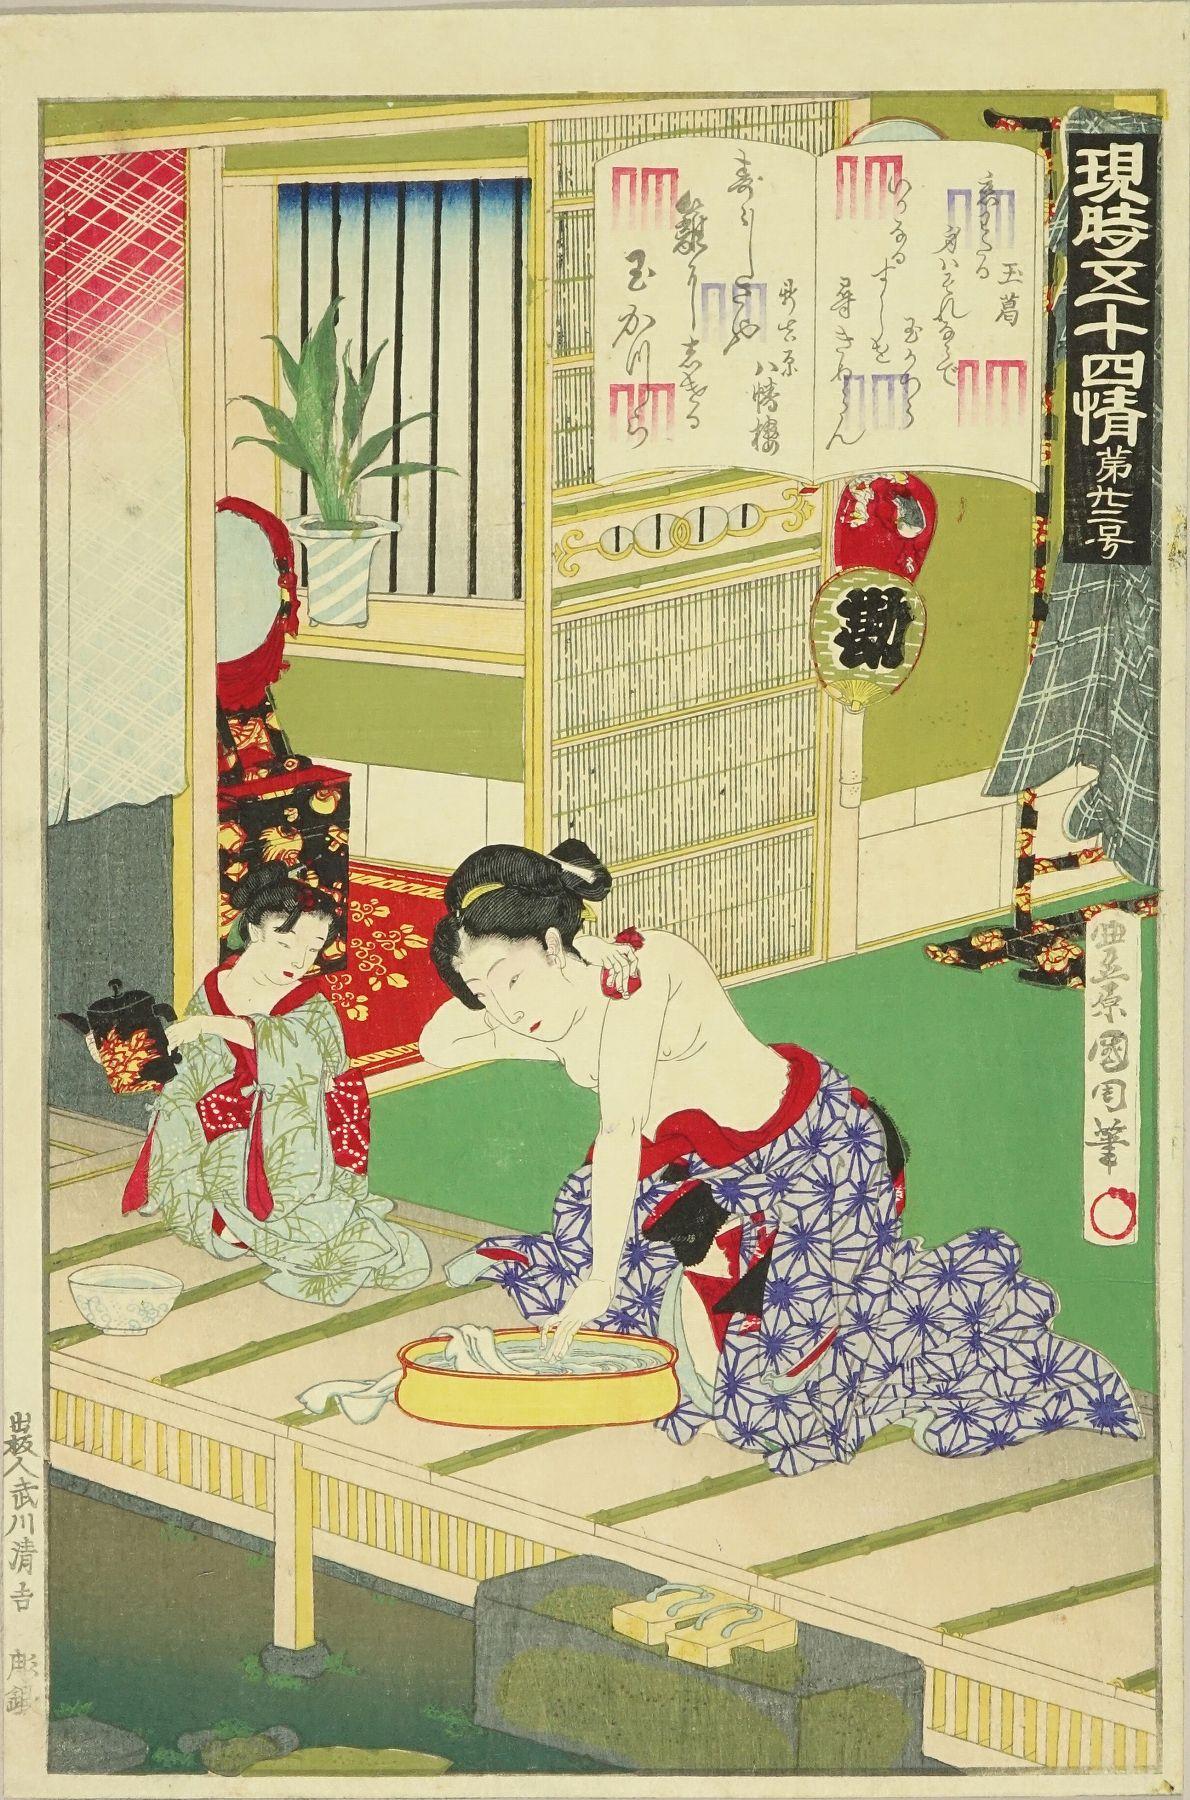 KUNICHIKA Tamakuzu, from <i>Genji gojuyojo</i> (Modern parody of fifty-four Genji)